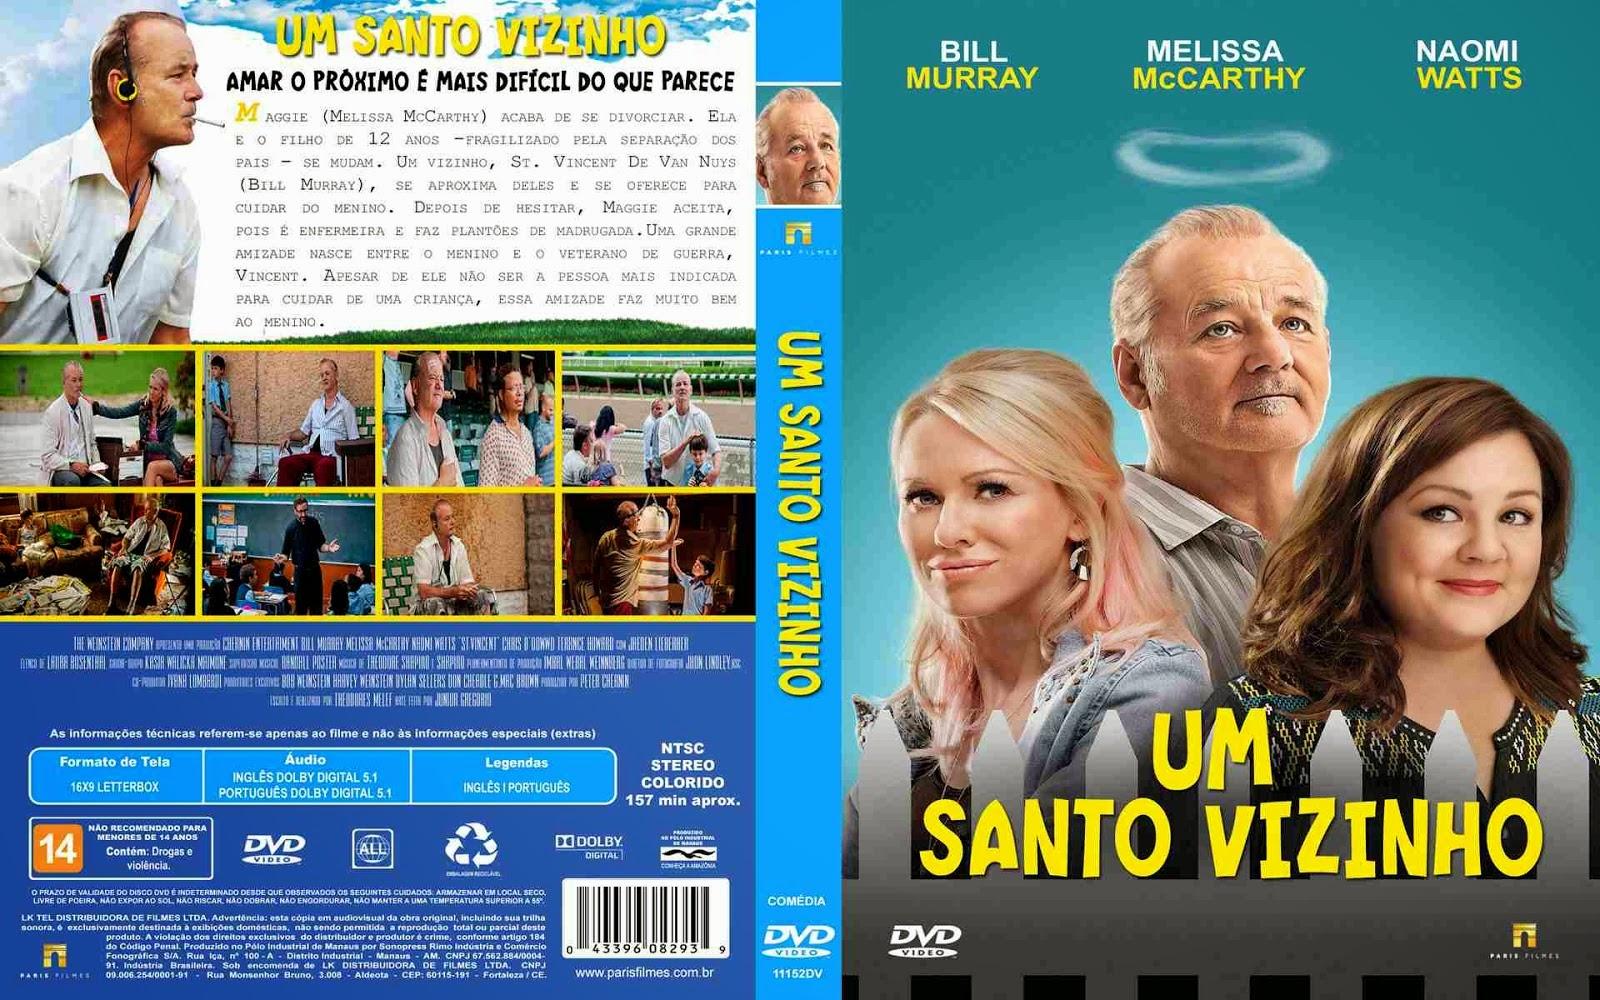 Download Um Santo Vizinho BDRip XviD Dual Áudio Um 2BSanto 2BVizinho